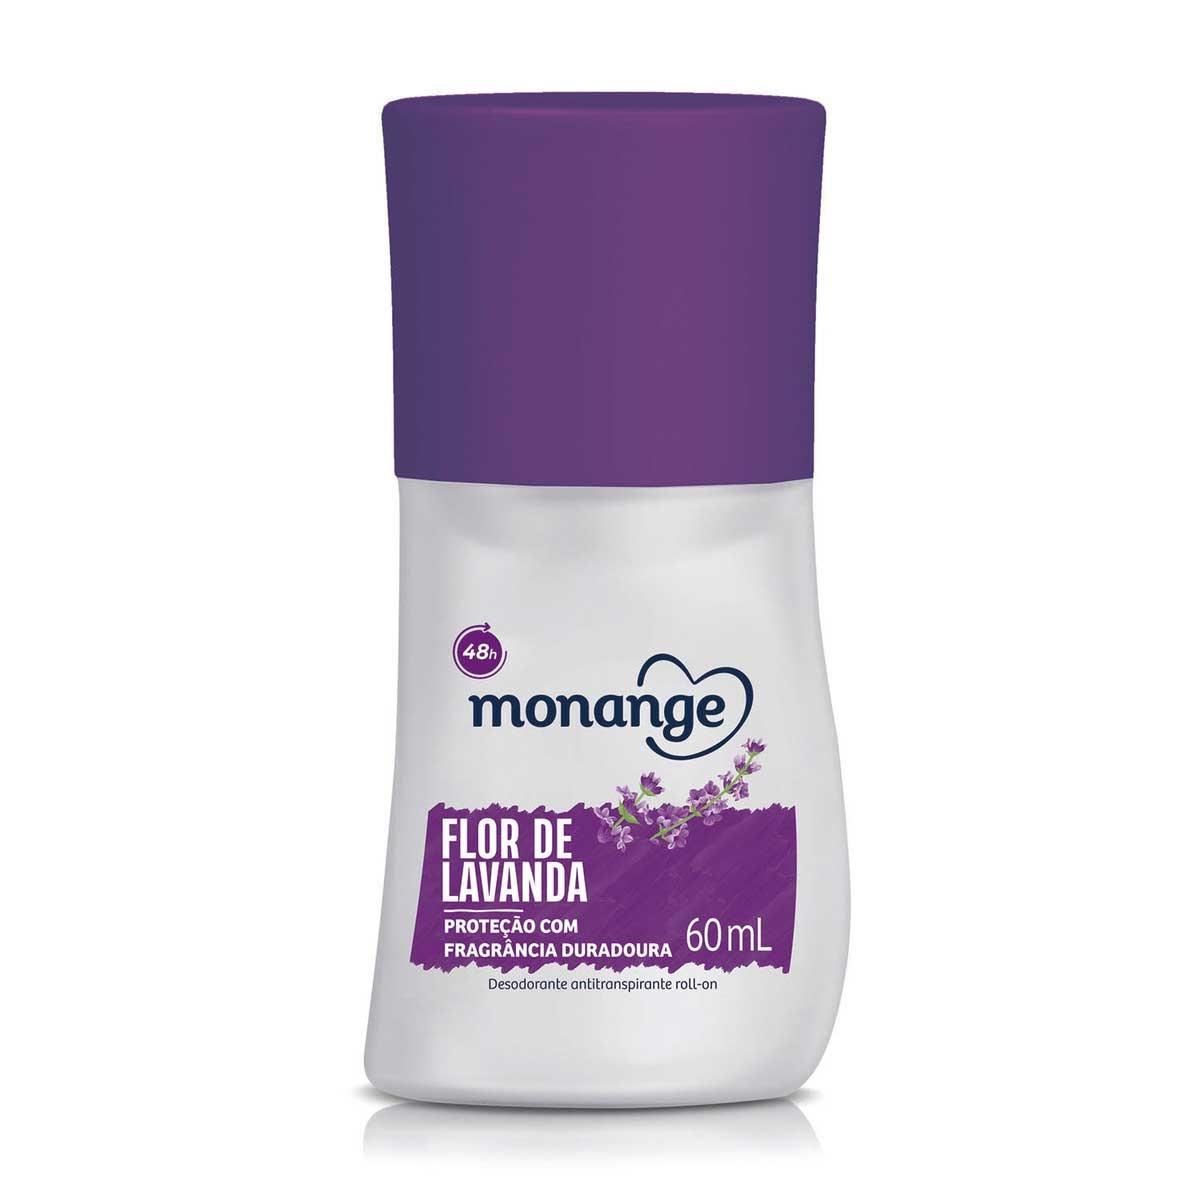 Desodorante Roll-On Monange Flor de Lavanda com 60ml 60ml